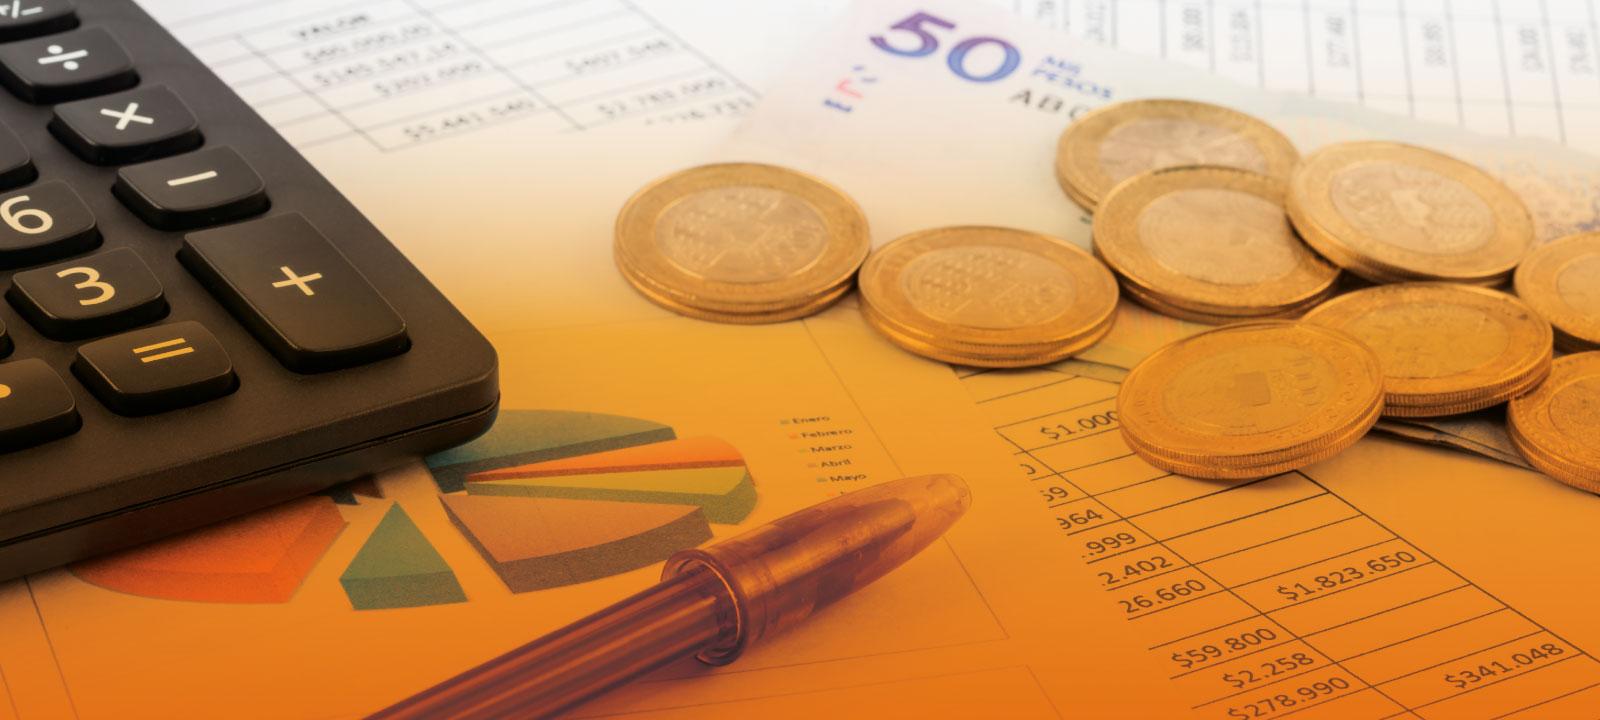 Tertulia tributaria | Tax Policy – Decisiones de política fiscal en pandemia y propuestas de reforma tributaria. Calculadora y monedas.